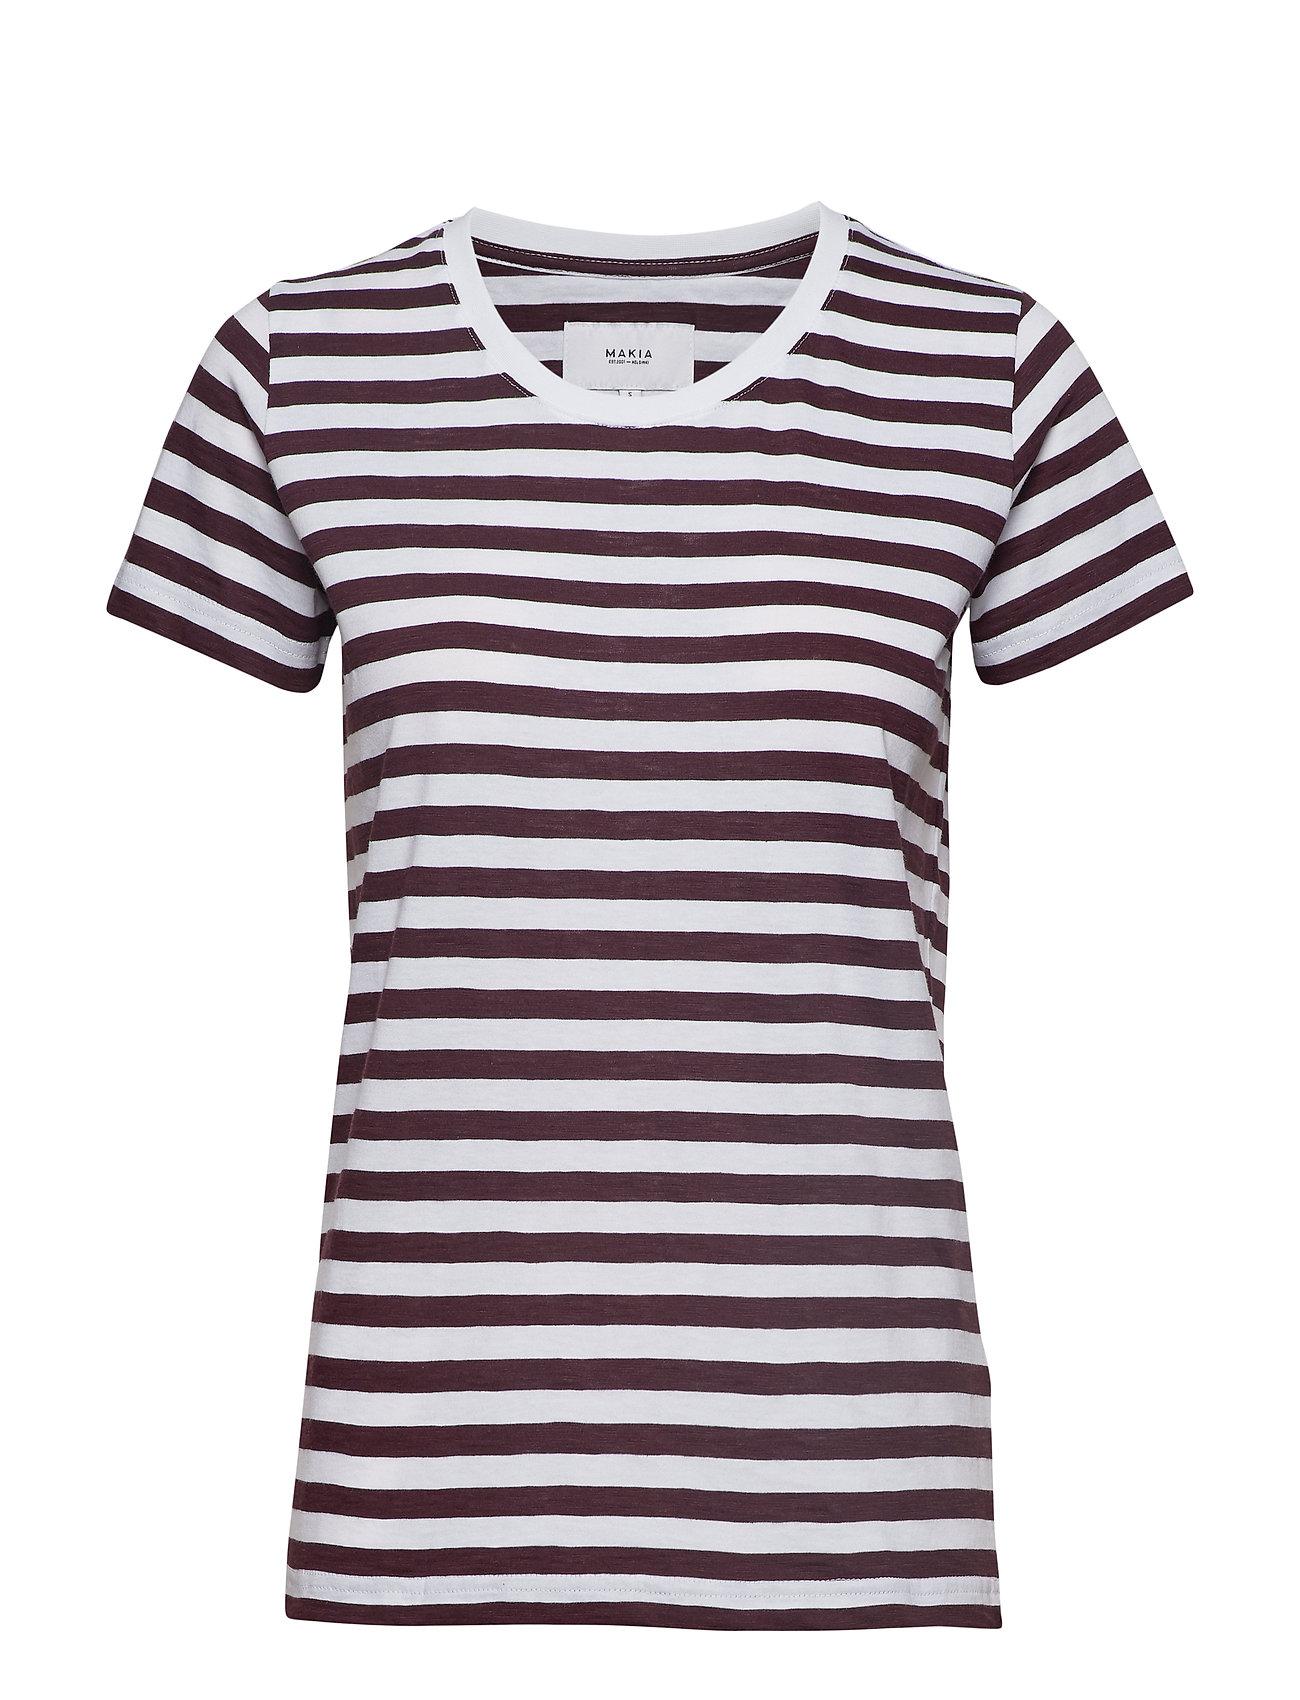 Makia Verkstad T-Shirt - WINE-WHITE